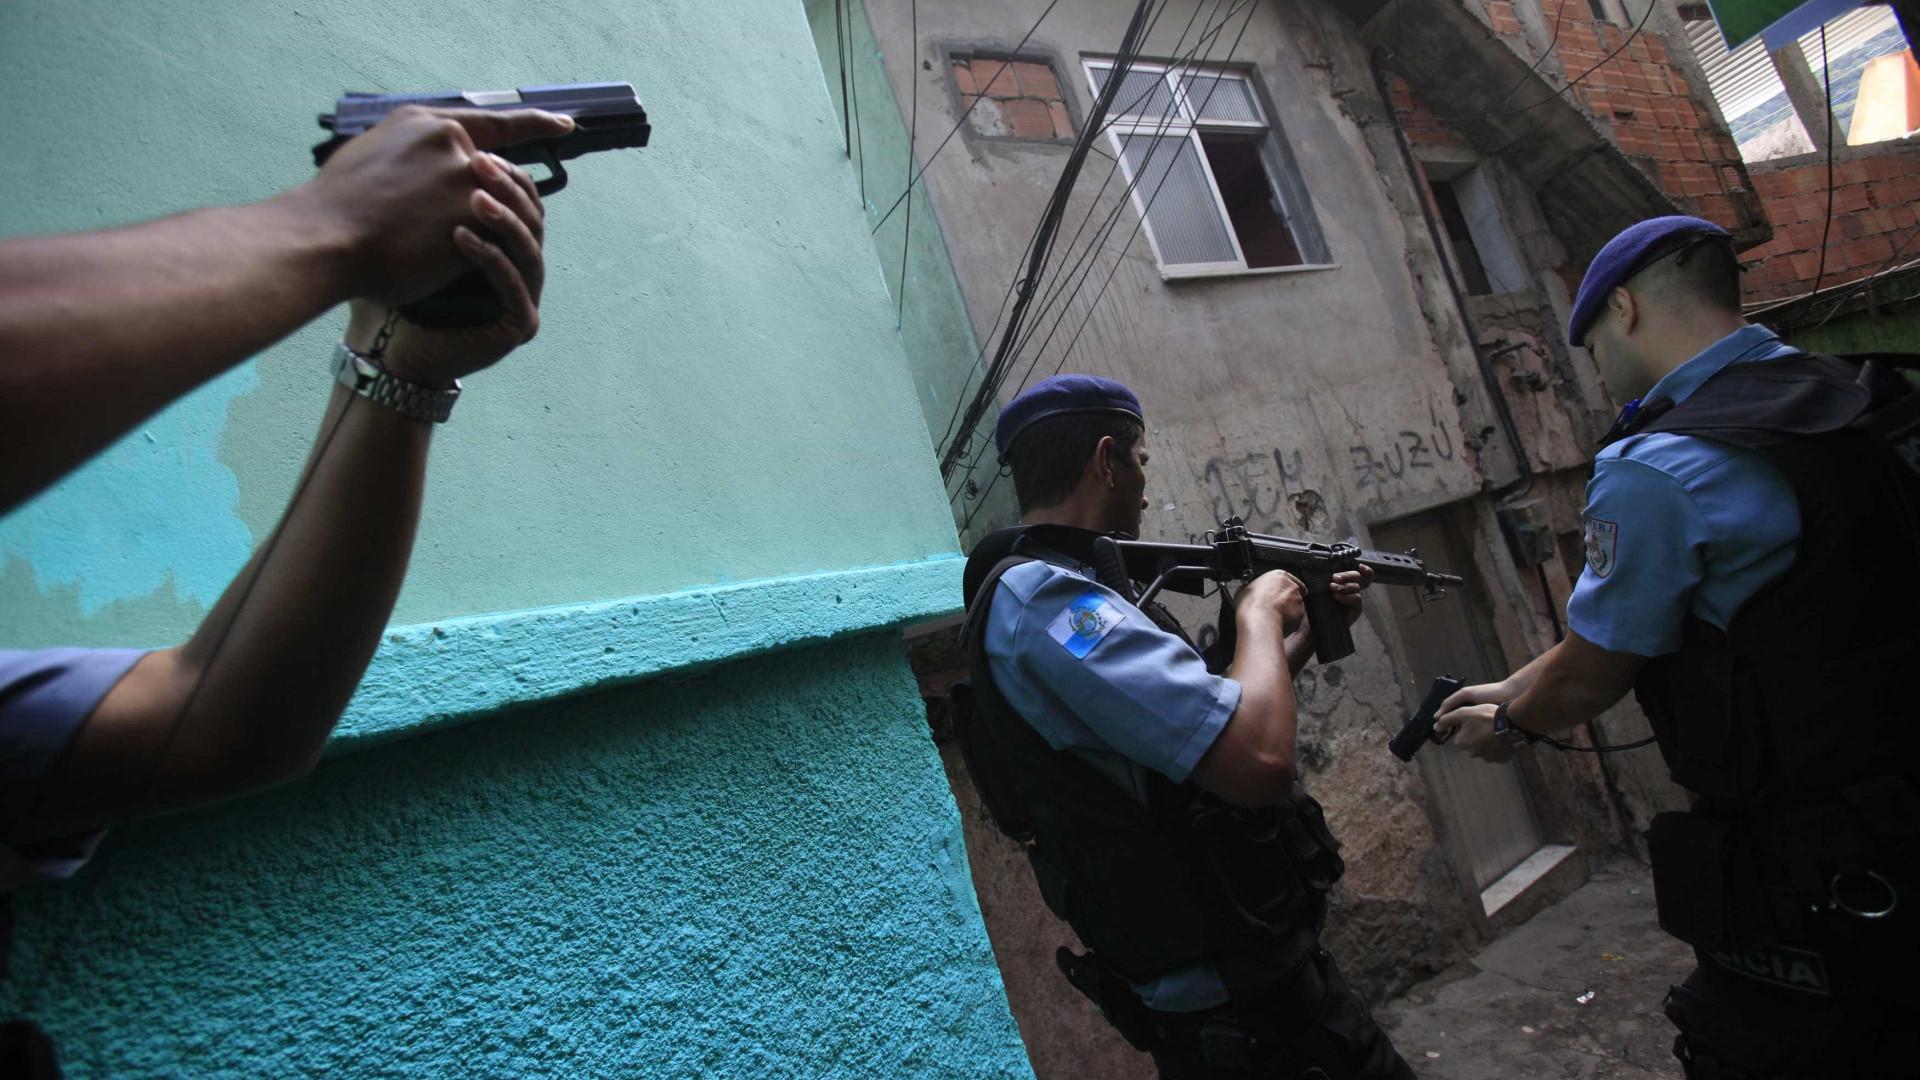 Traficante mais procurado no Rio de Janeiro morto em operação policial